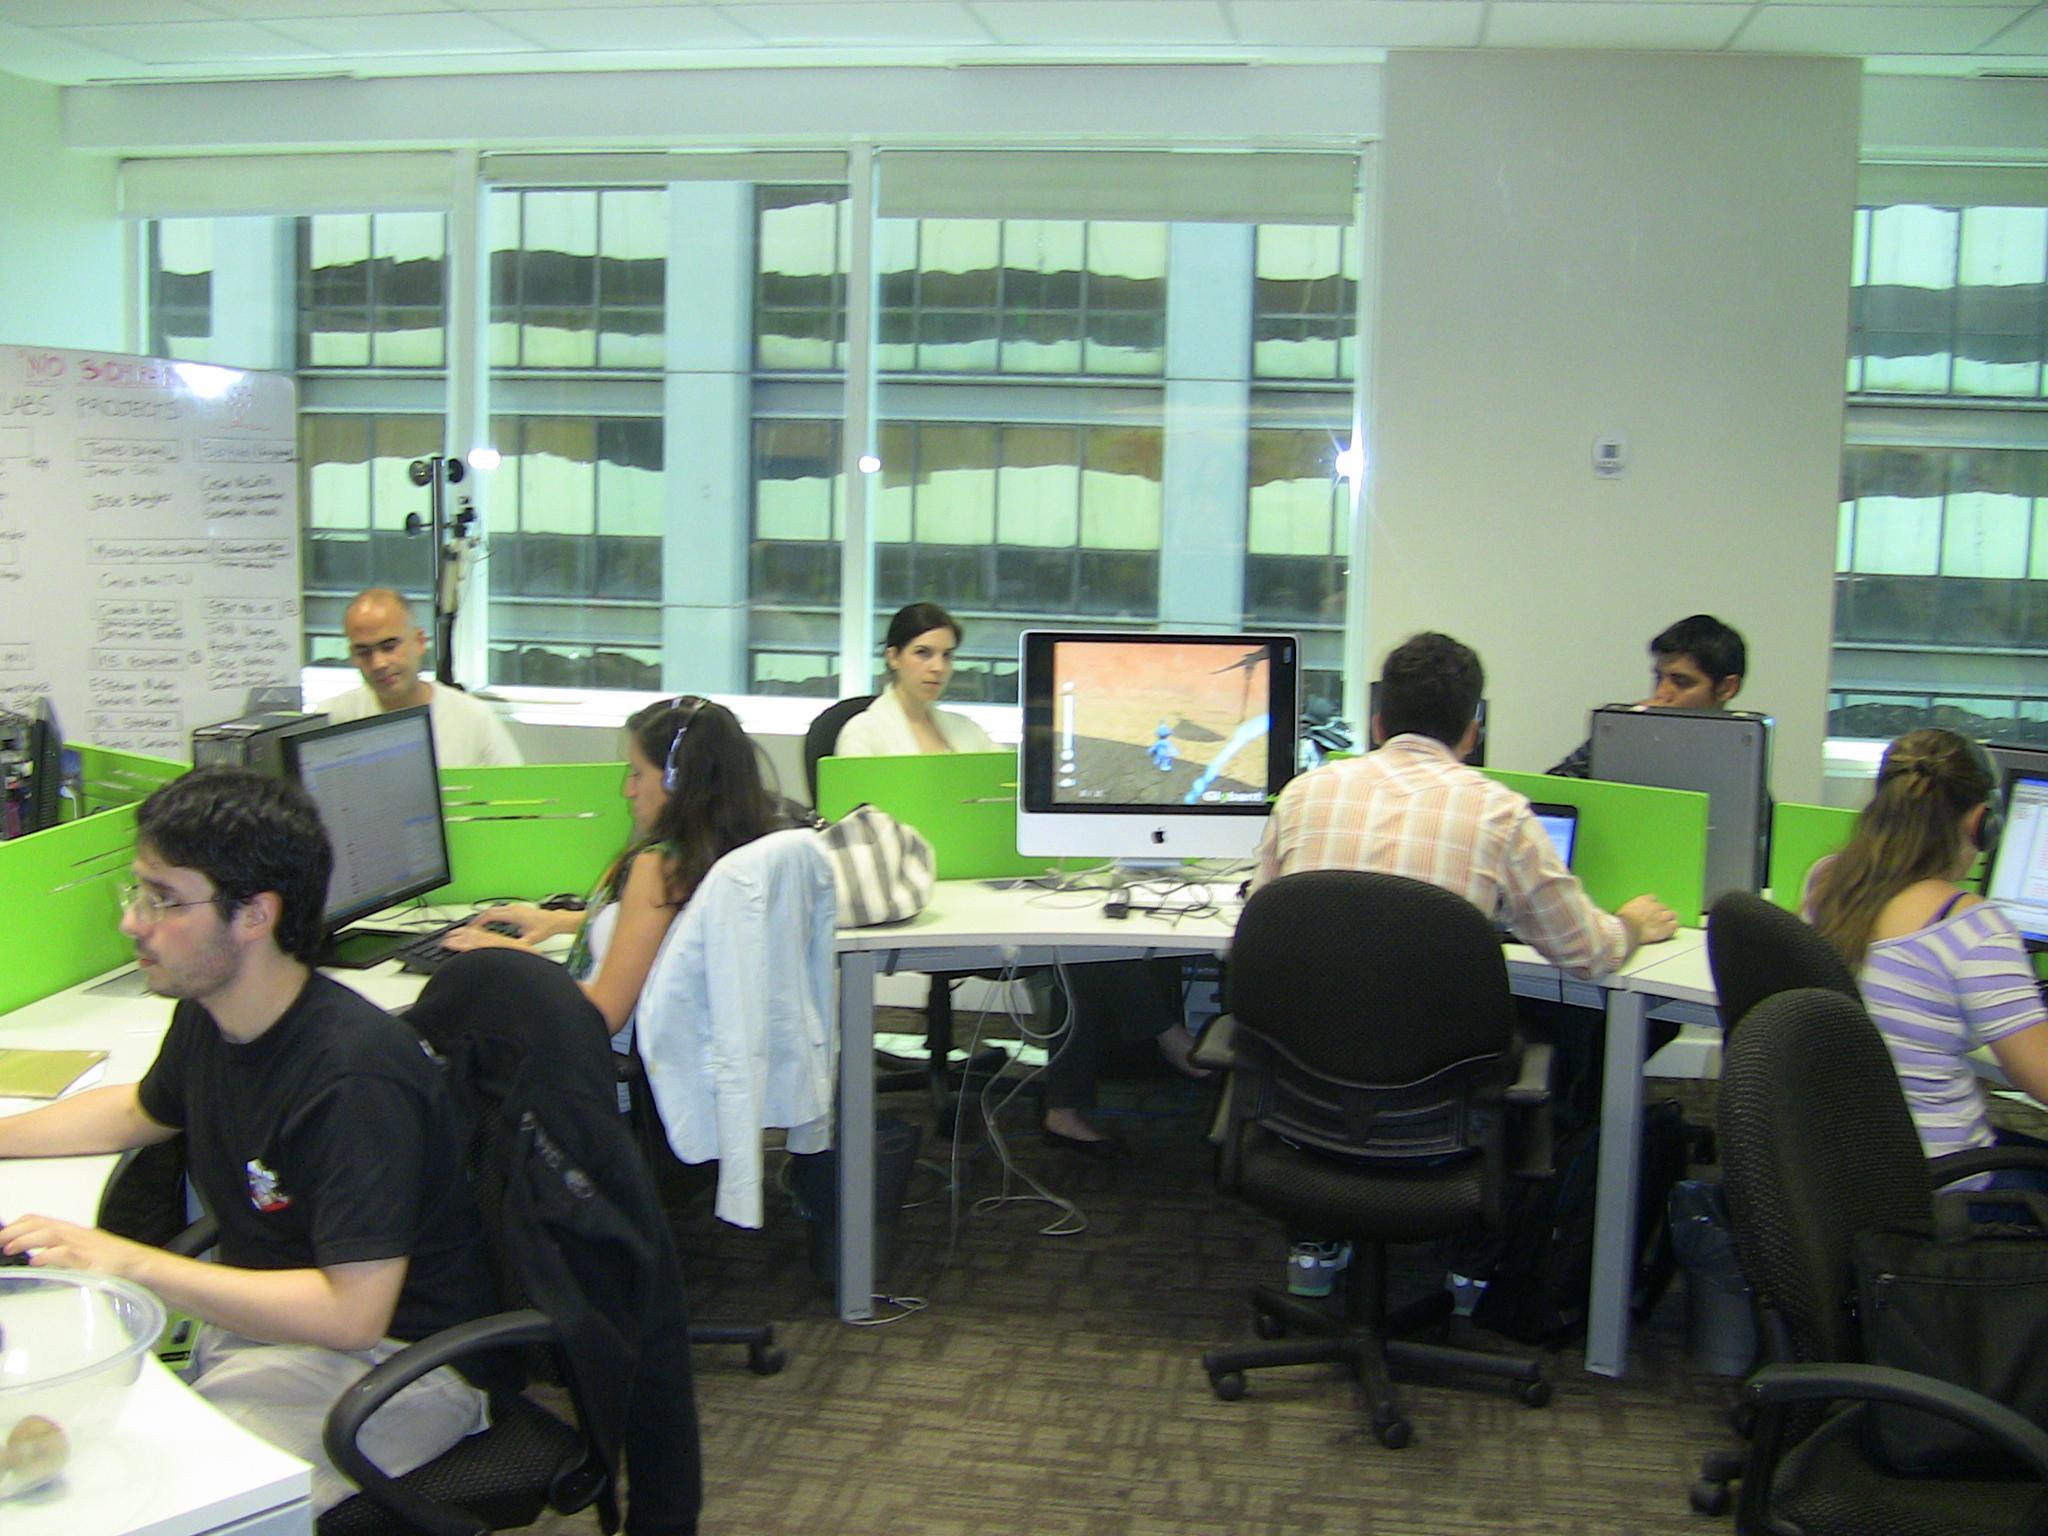 Galer a de im genes las nuevas oficinas de globant en for Imagenes de oficinas